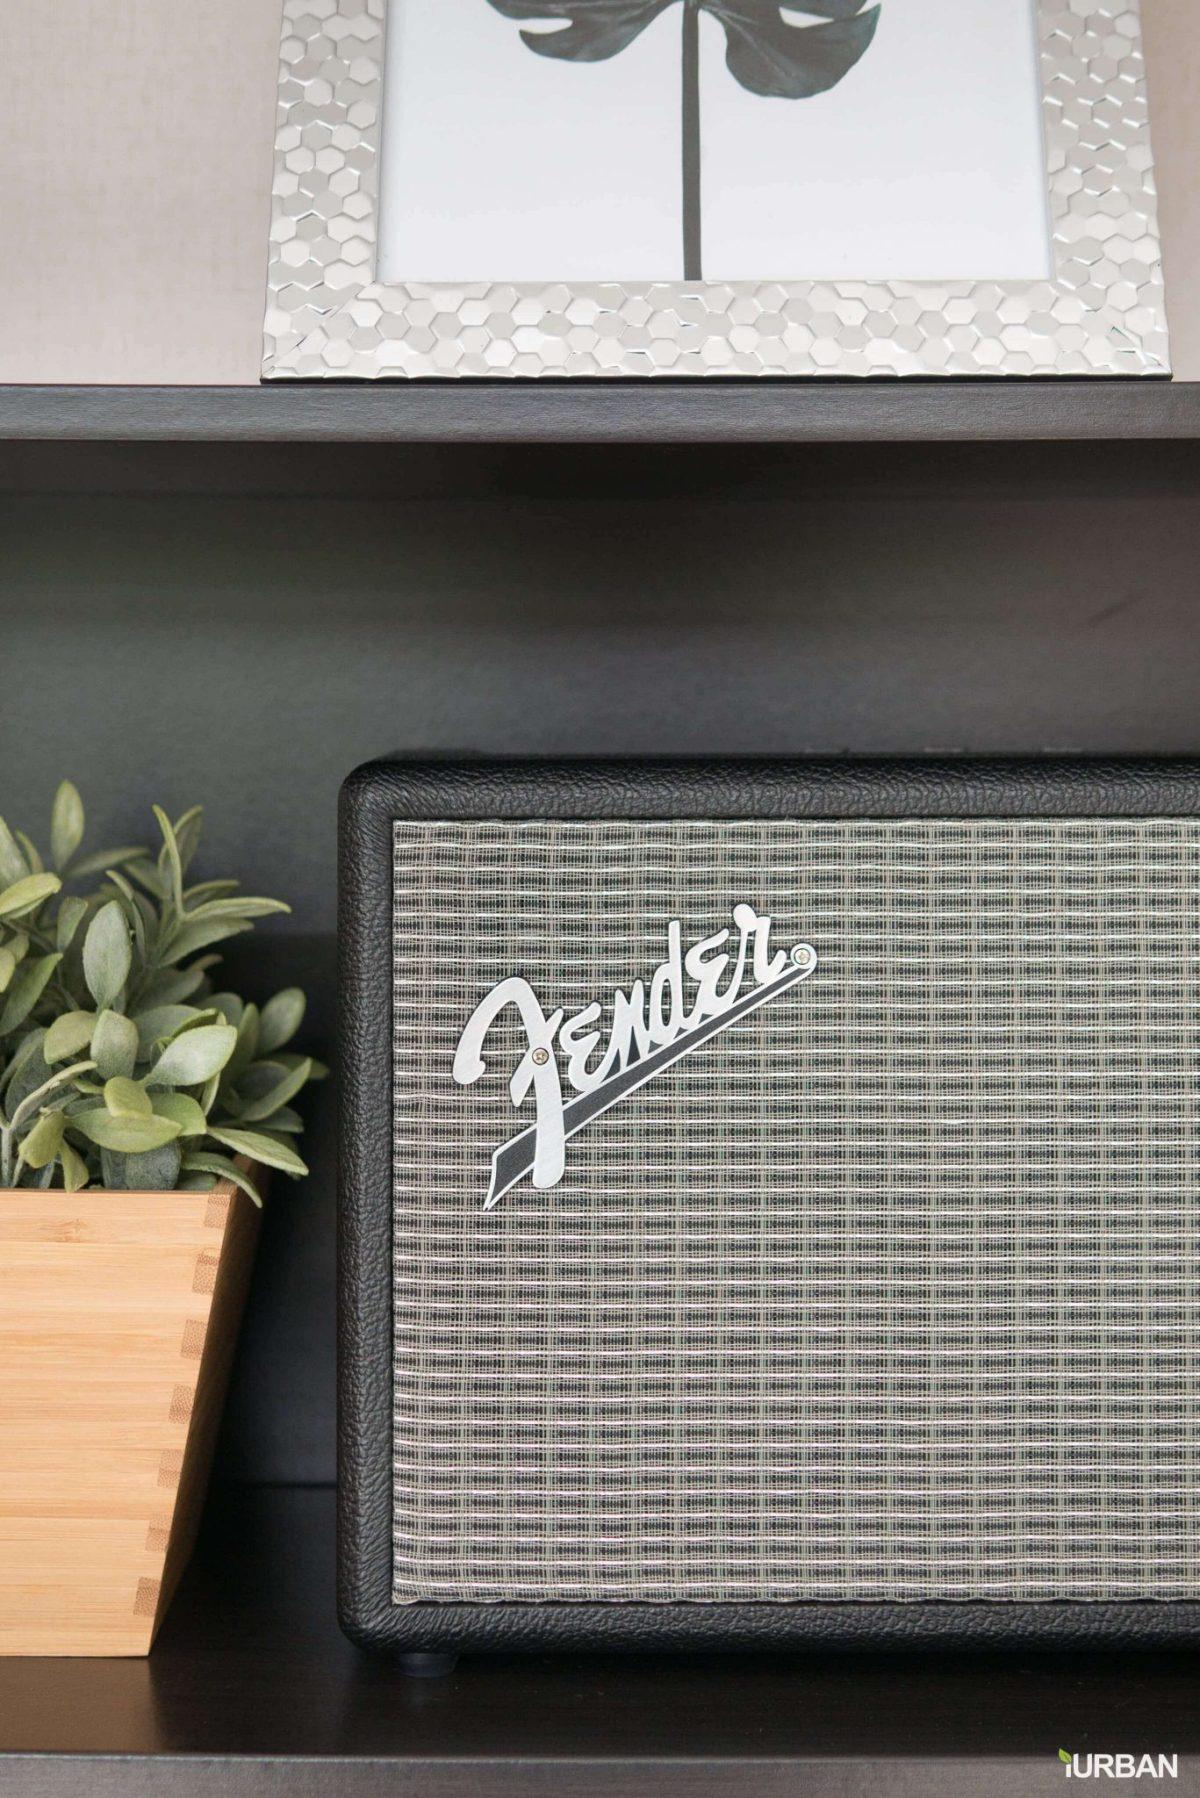 รีวิวลำโพง Fender คู่แรกจากตำนานแห่งวงการดนตรี Monterey™ & Newport™ 23 - fender